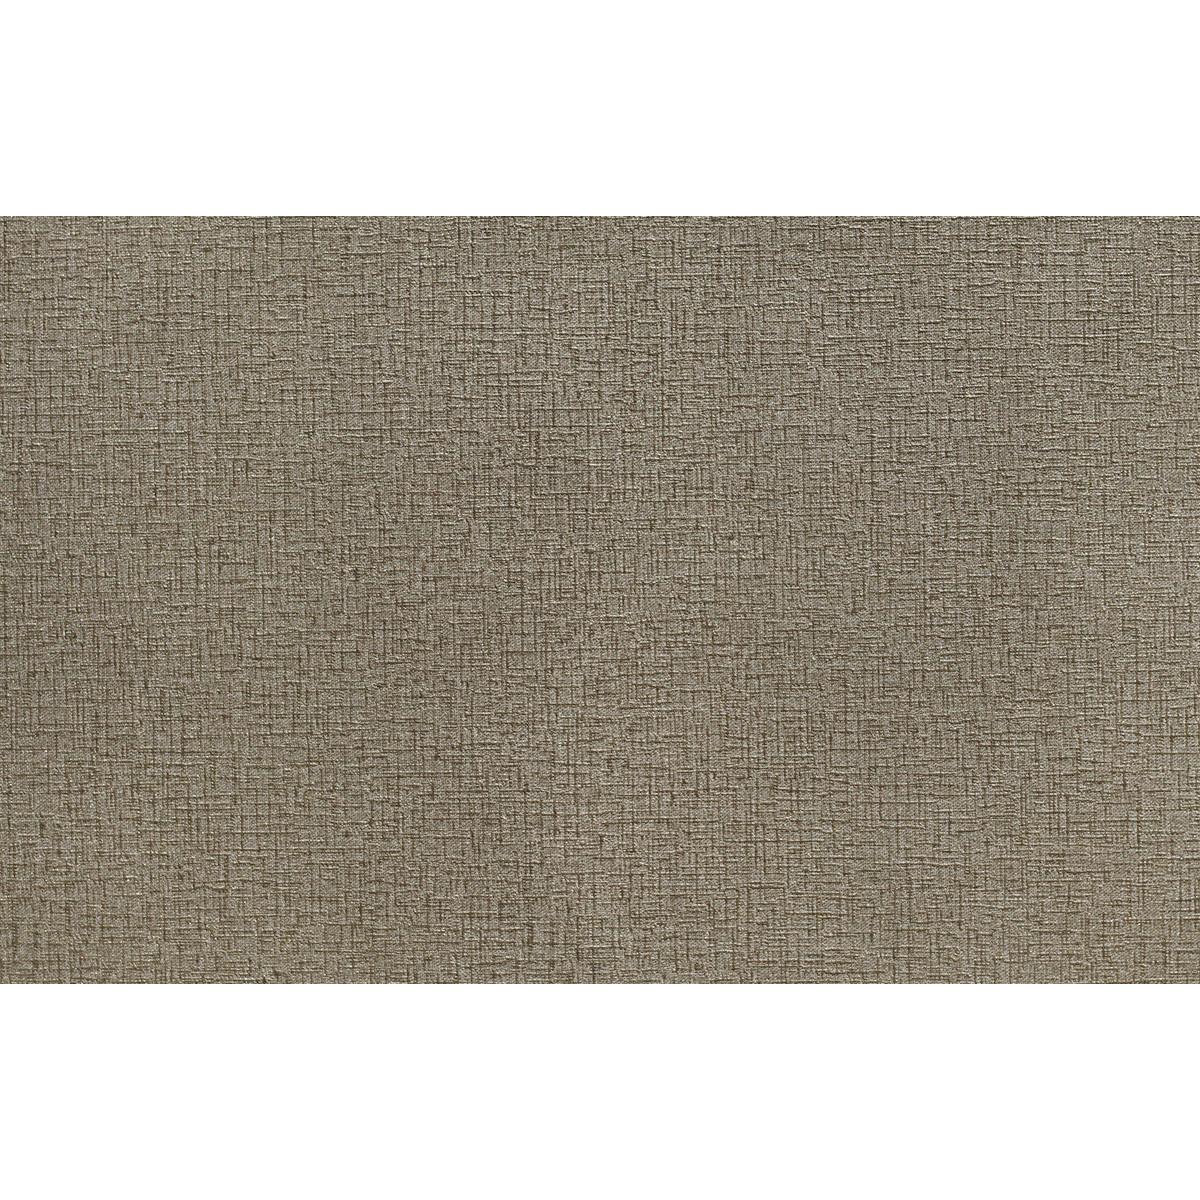 Обои виниловые Sonet коричневые 0.53 м 34205